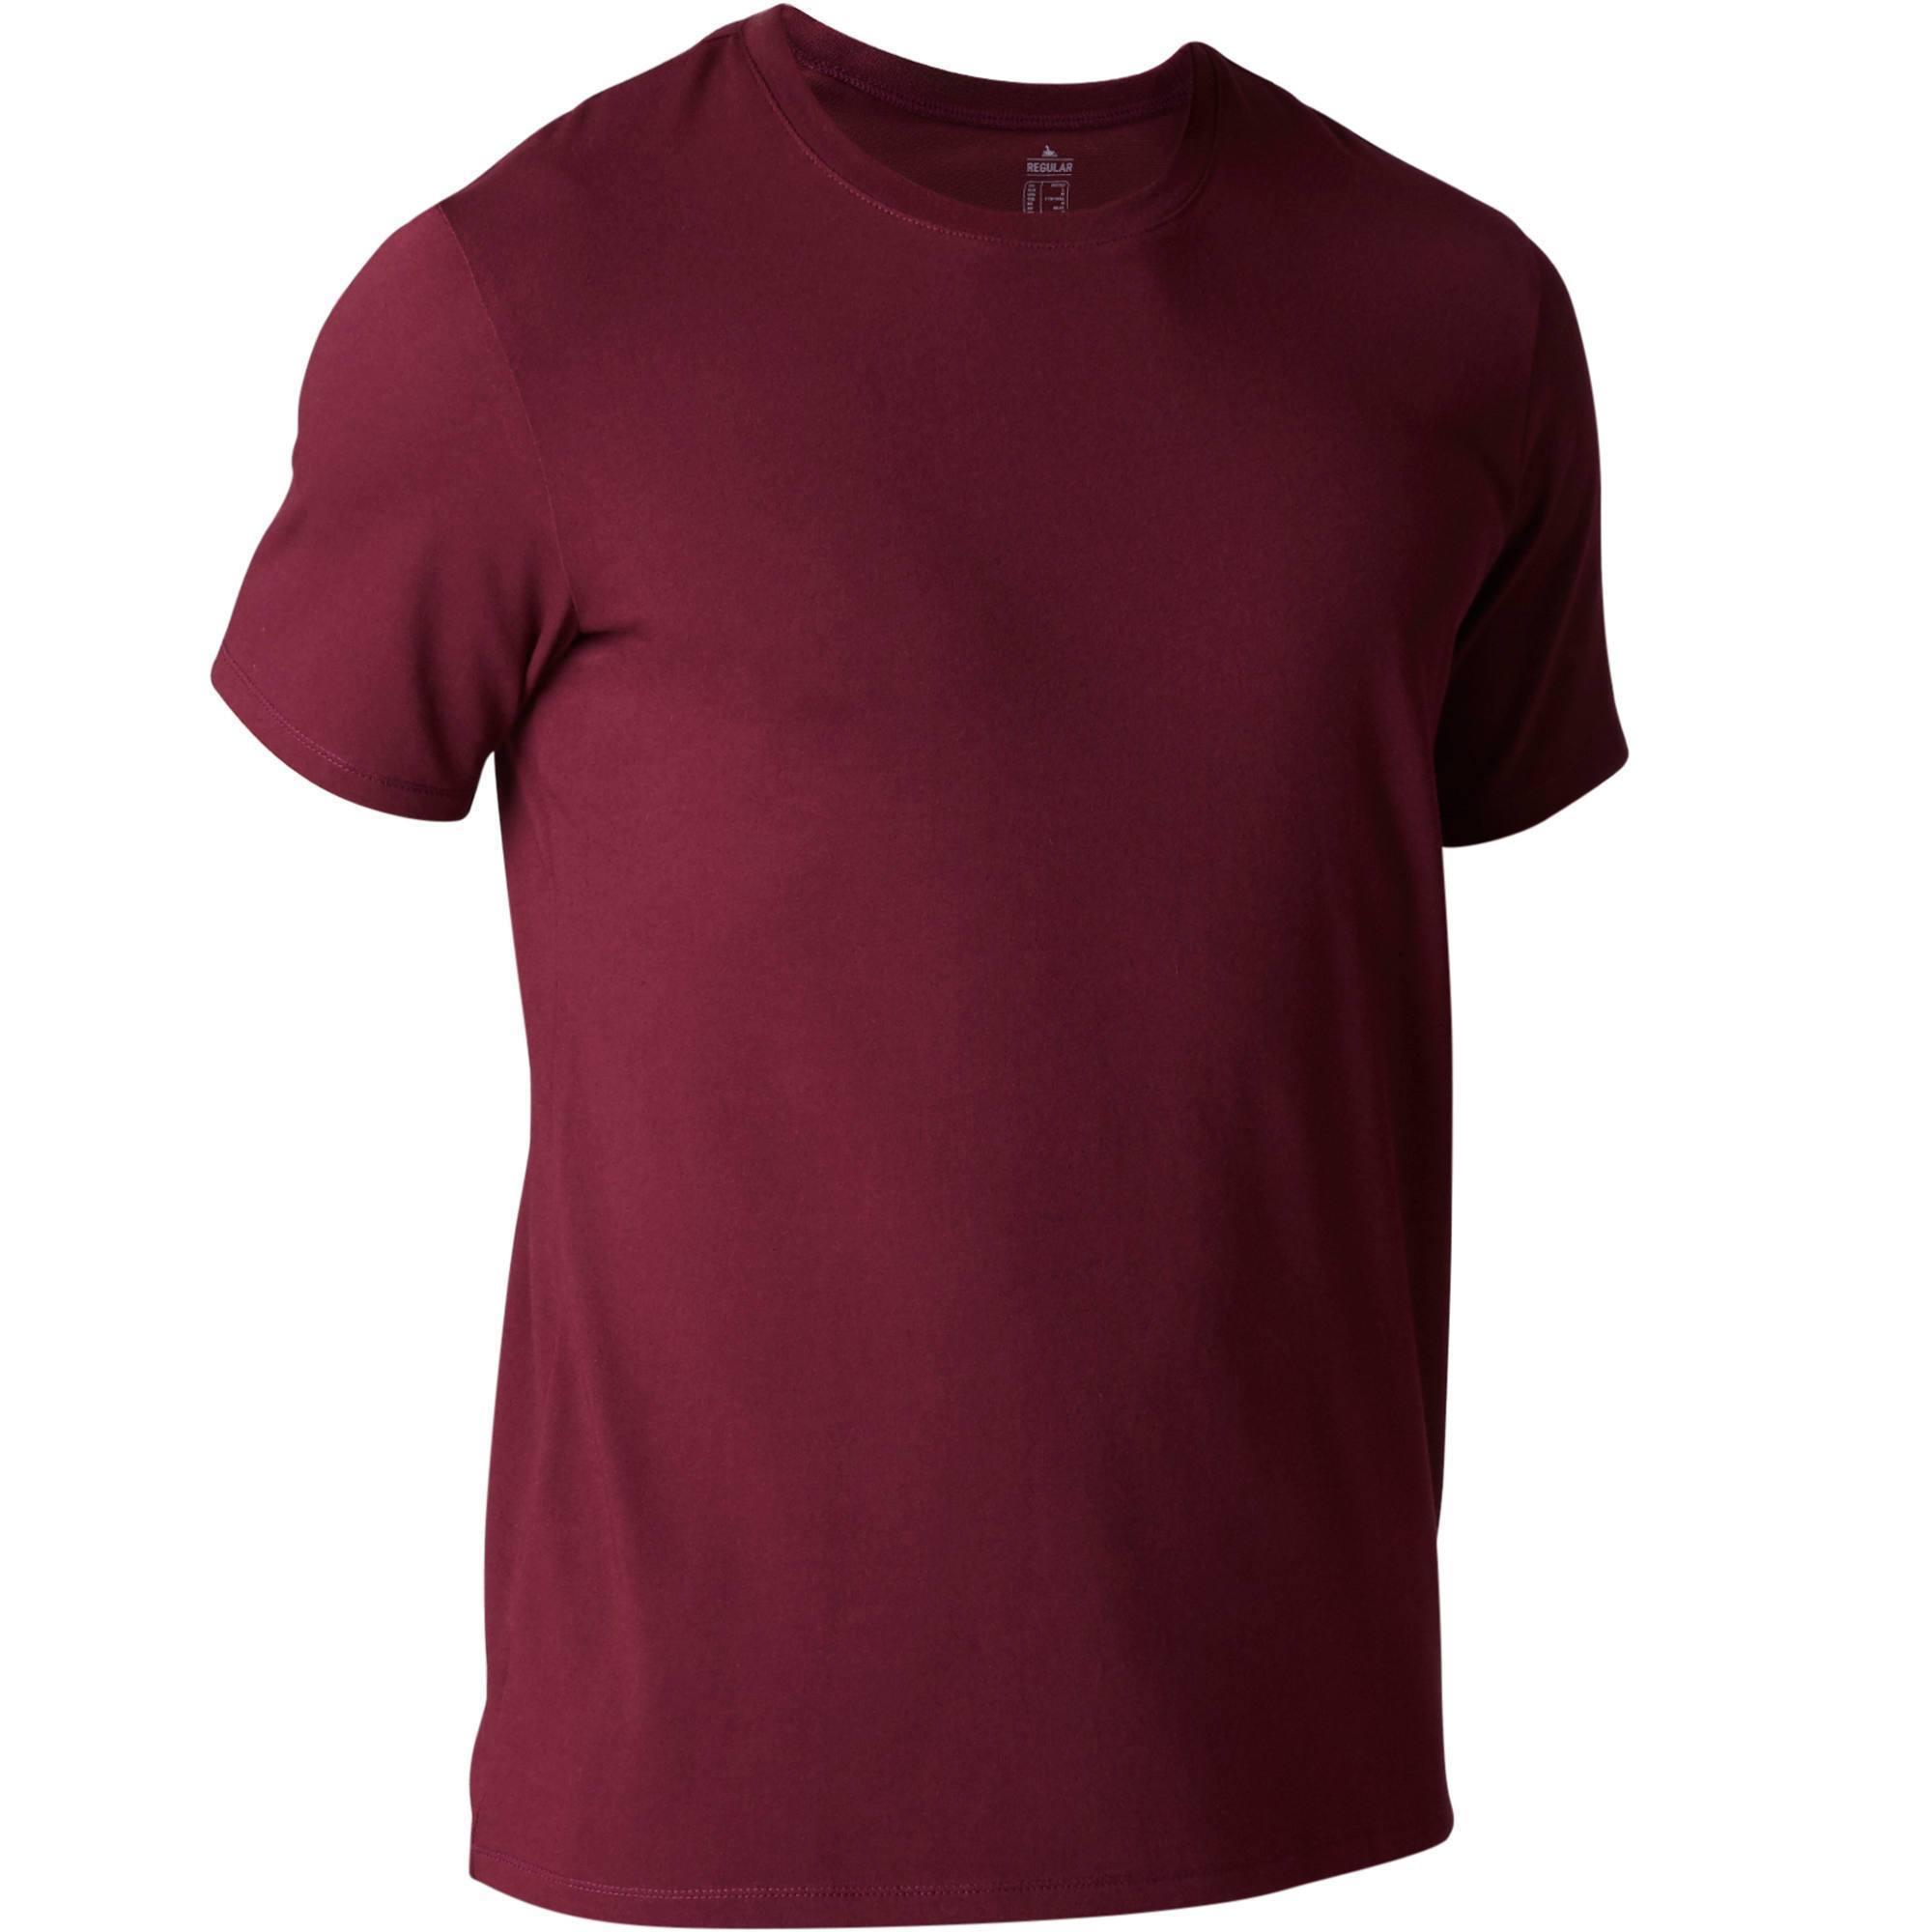 T-shirt 500 regular Pilates Gym douce homme bordeaux